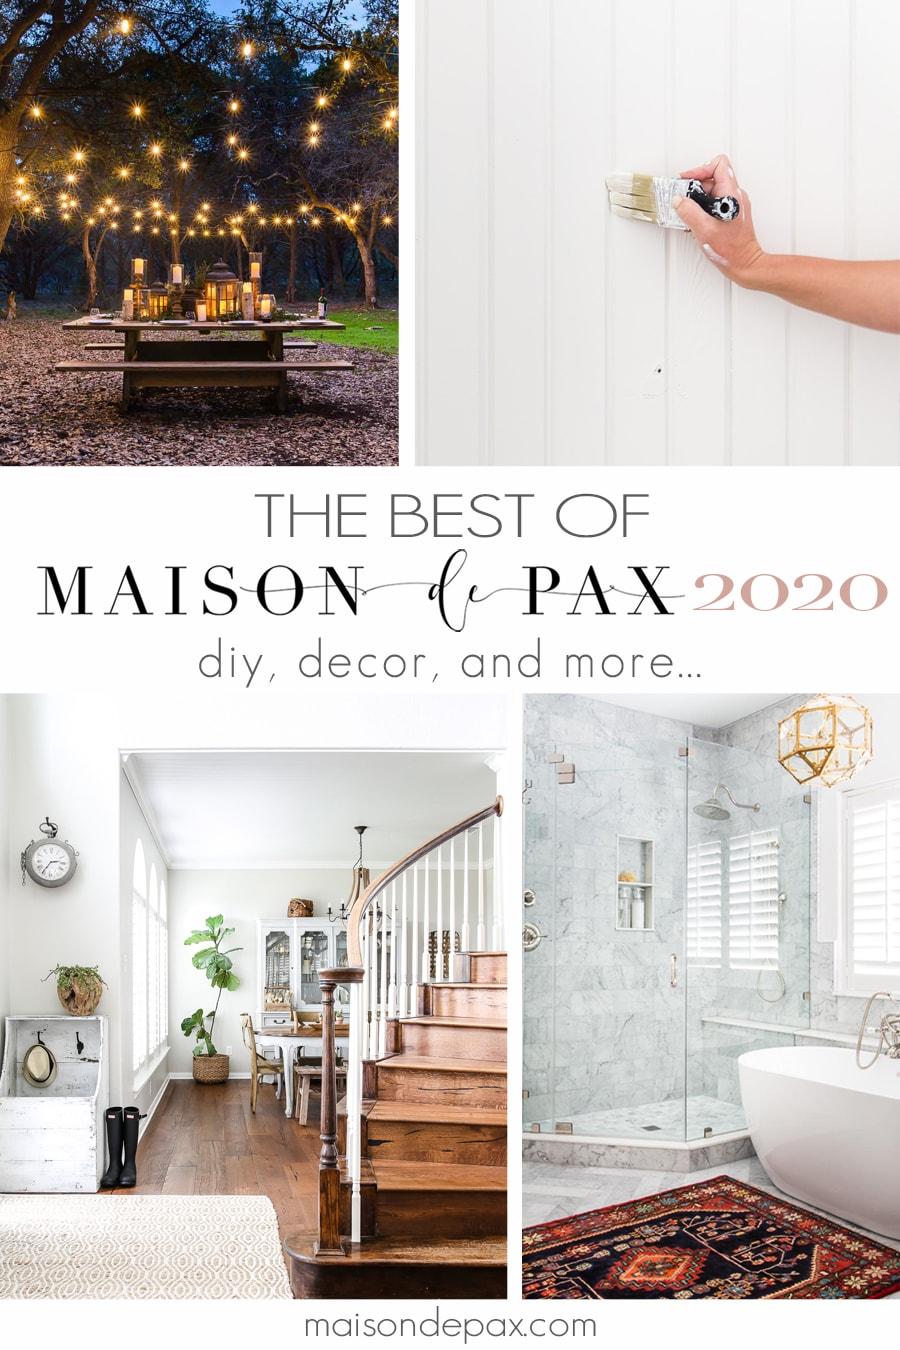 best of Maison de Pax 2020